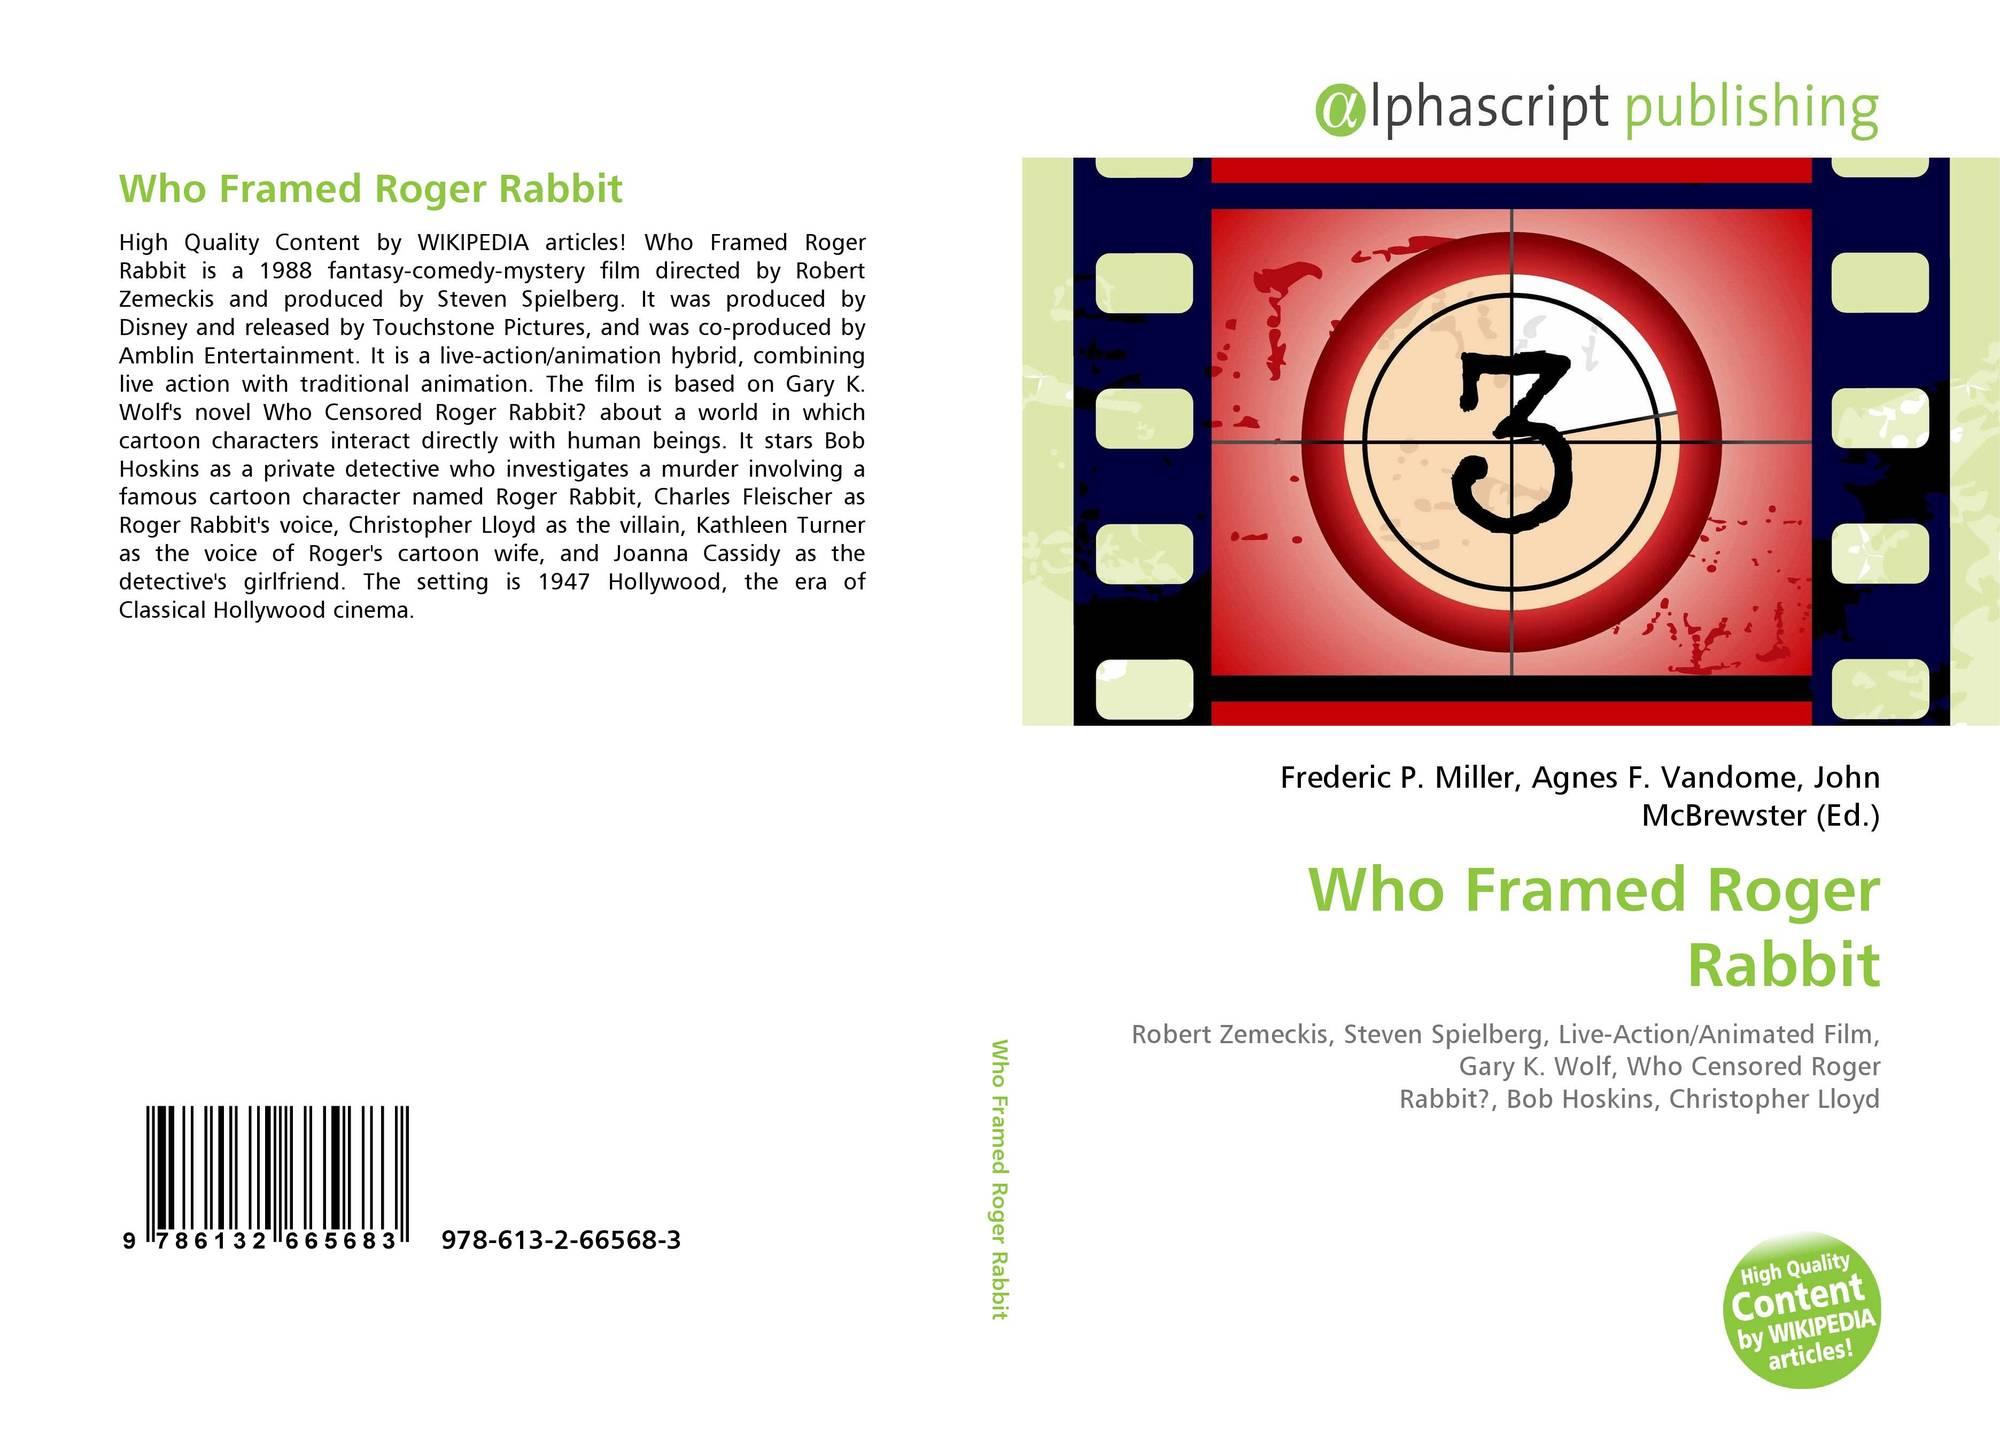 Who Framed Roger Rabbit, 978-613-2-66568-3, 6132665684 ,9786132665683